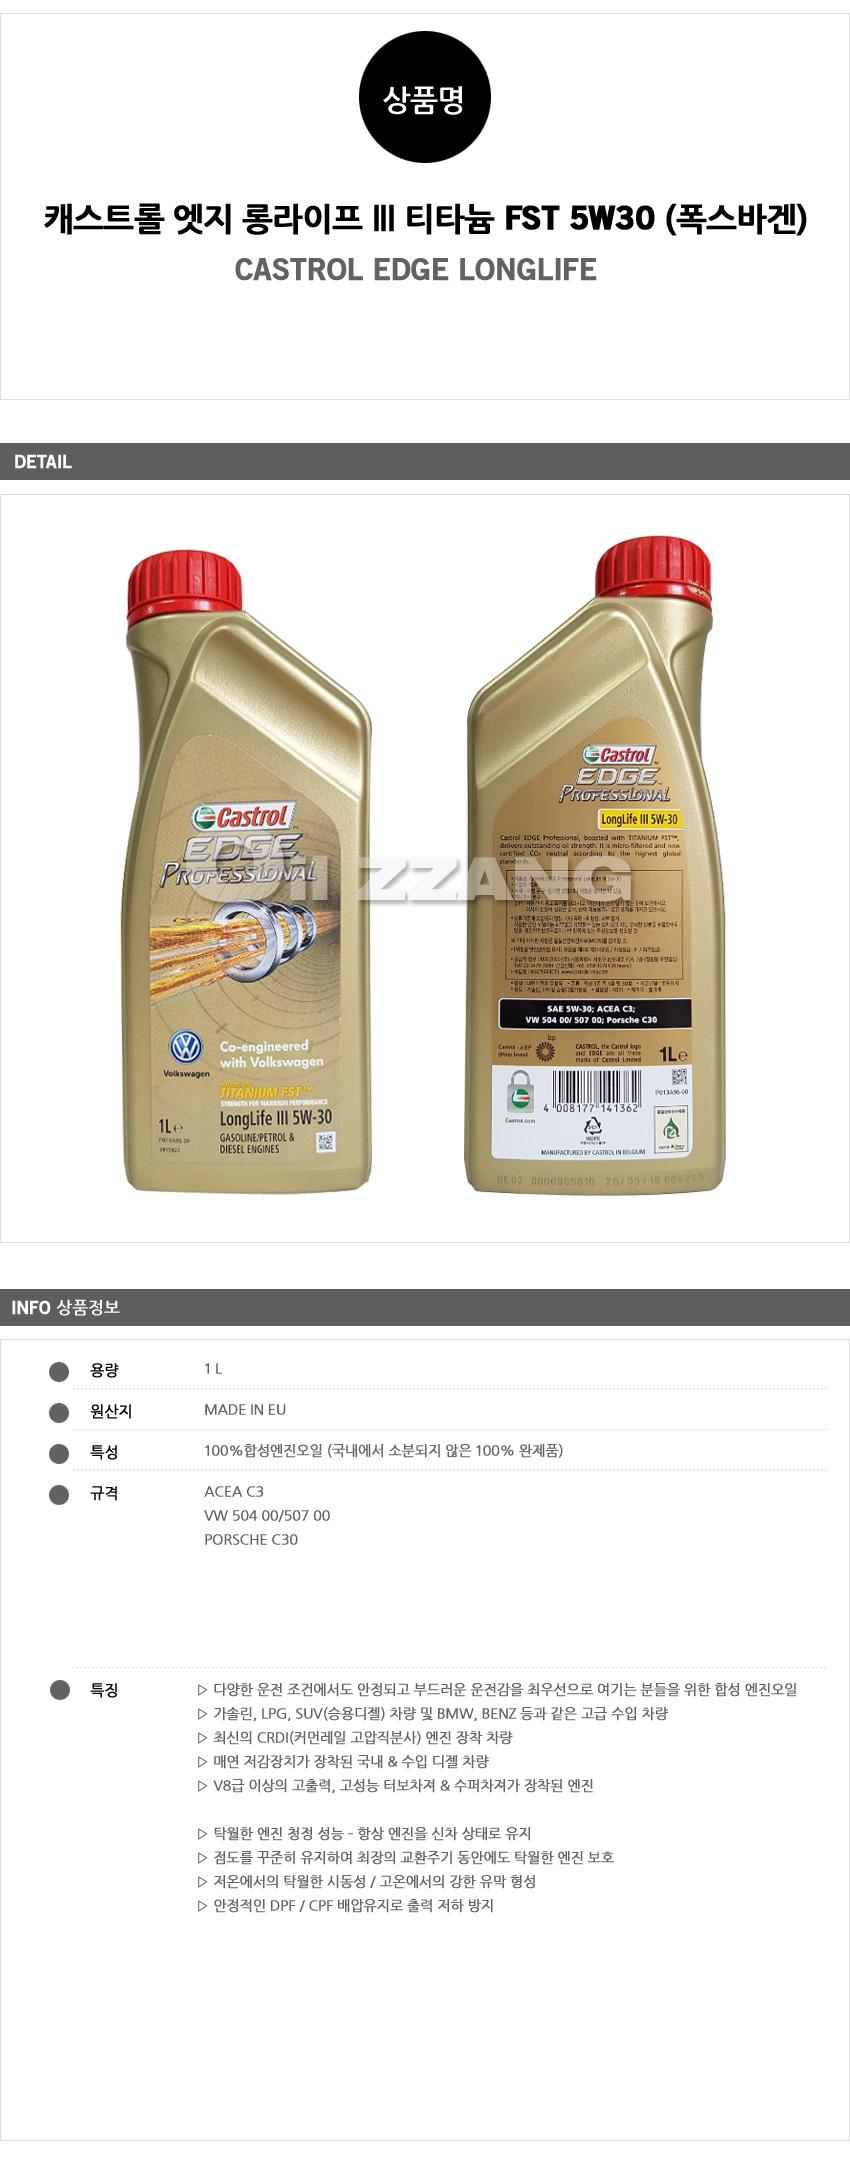 castrol Edge Titanium 5W30 1L N'Gene Oil - 11STREET